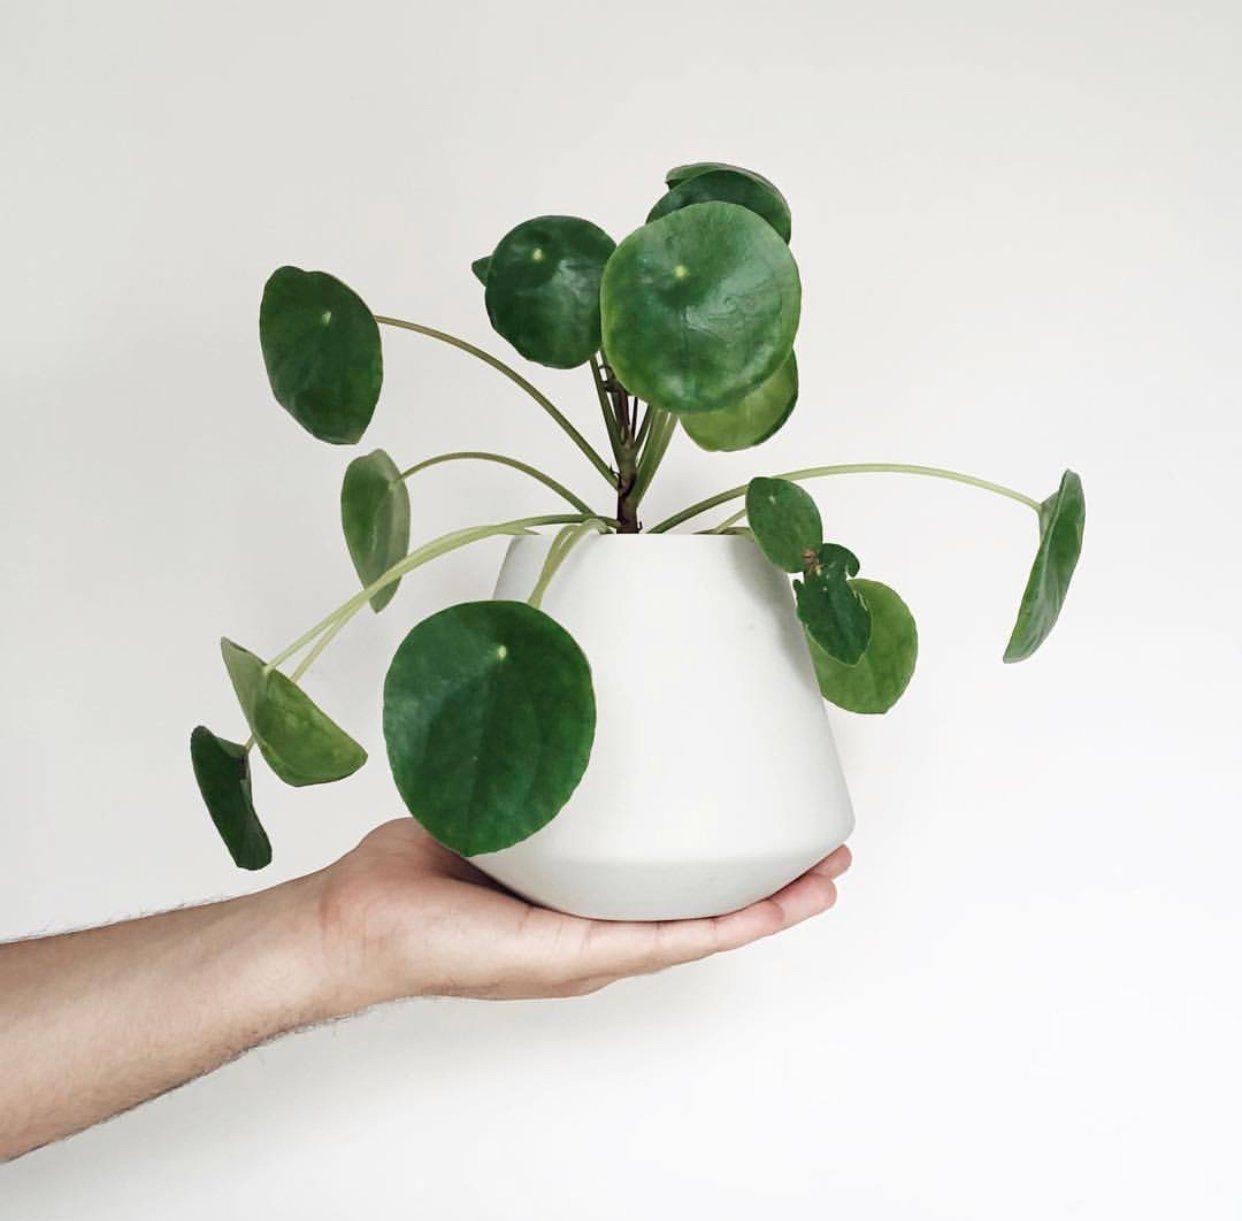 Пилея (48 фото): уход за цветком в домашних условиях, виды комнатного растения мелколистная и монетолистная, пеперомиевидная и депресса, обернутая и сорт «норфолк»